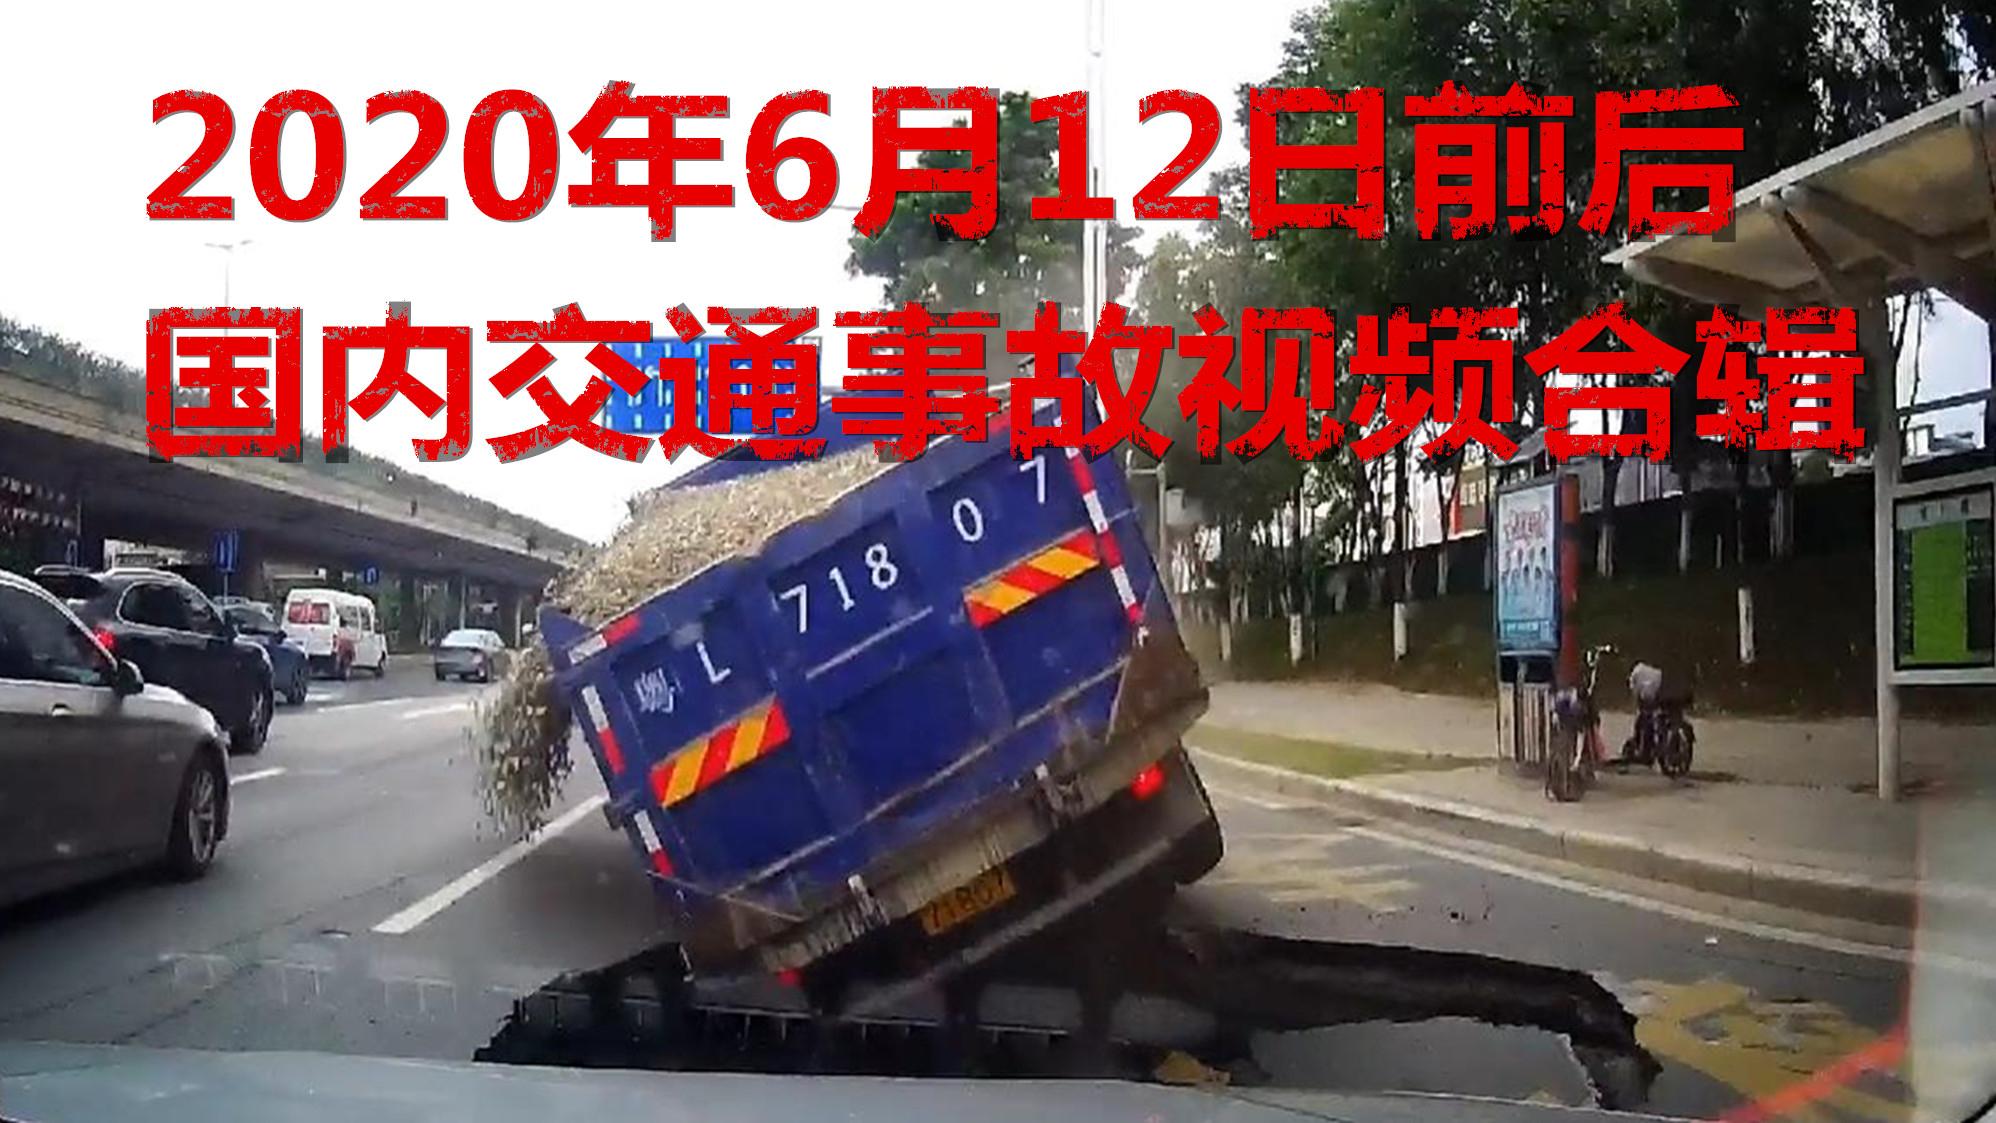 2020年6月12日前后国内交通事故视频合辑